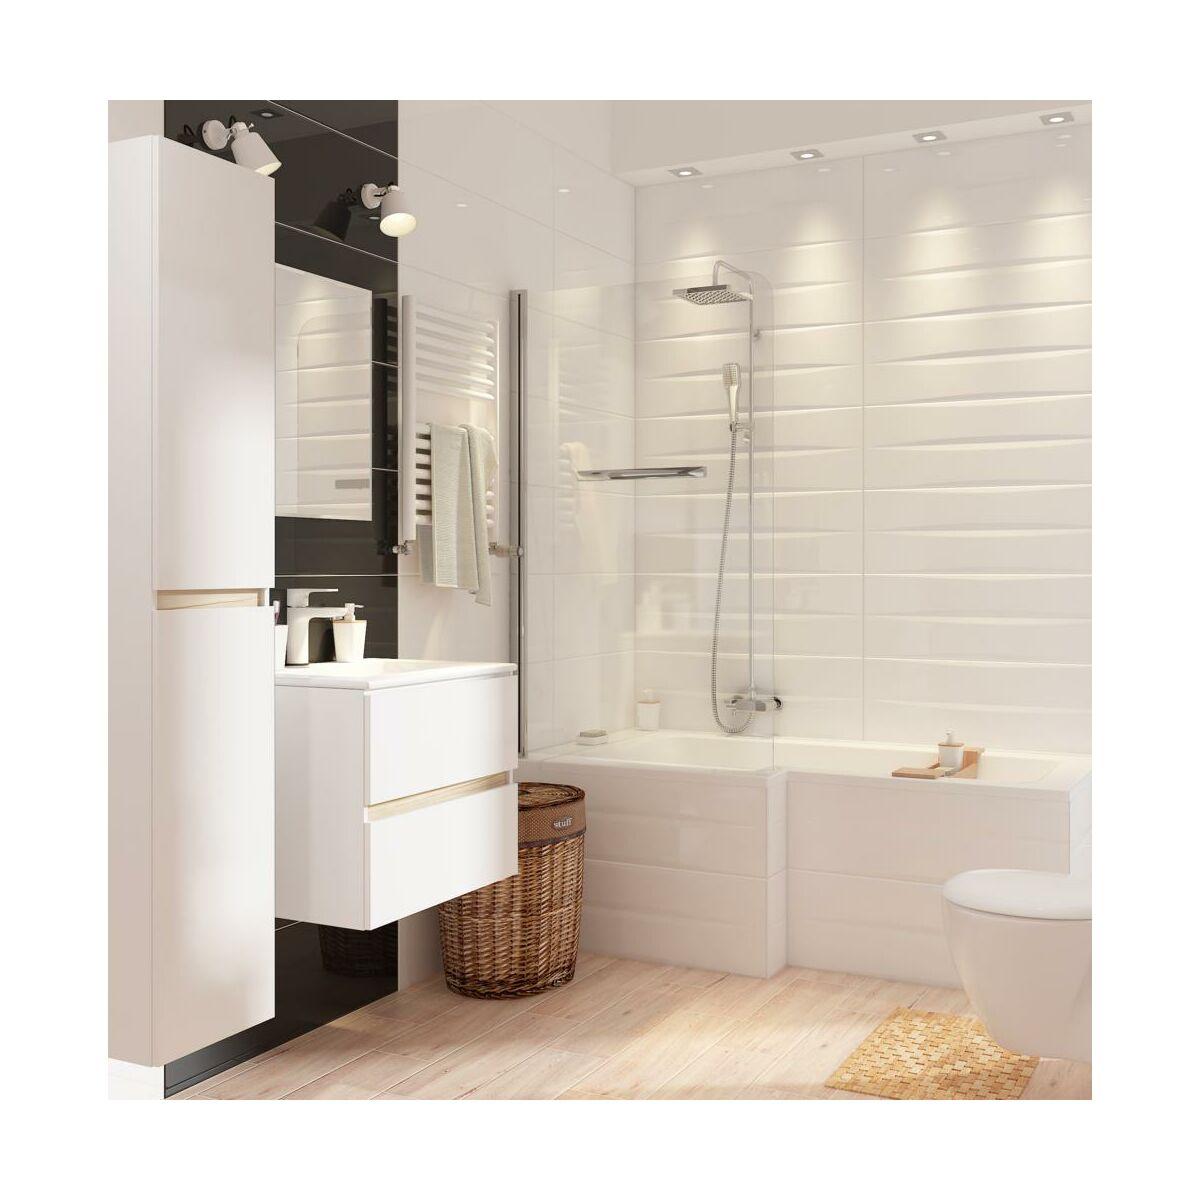 parawan nawannowy optima 140 cm x 85 cm sensea parawany nawannowe w atrakcyjnej cenie w. Black Bedroom Furniture Sets. Home Design Ideas